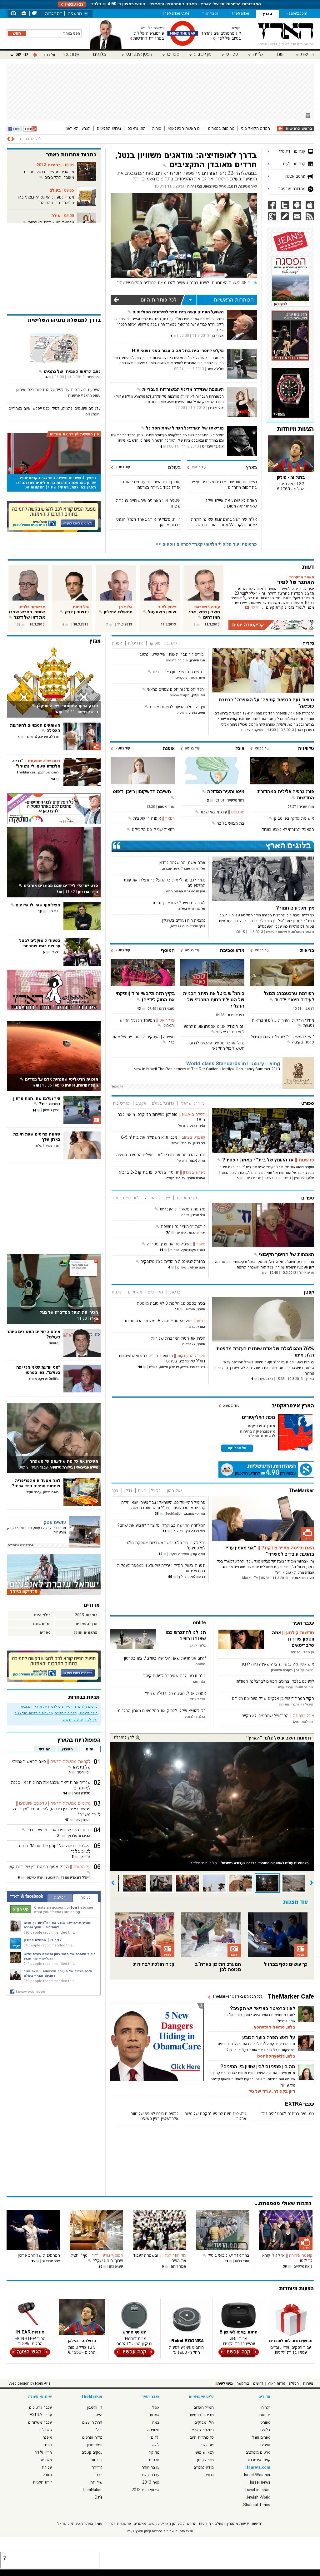 Haaretz at Monday March 11, 2013, 8:08 a.m. UTC